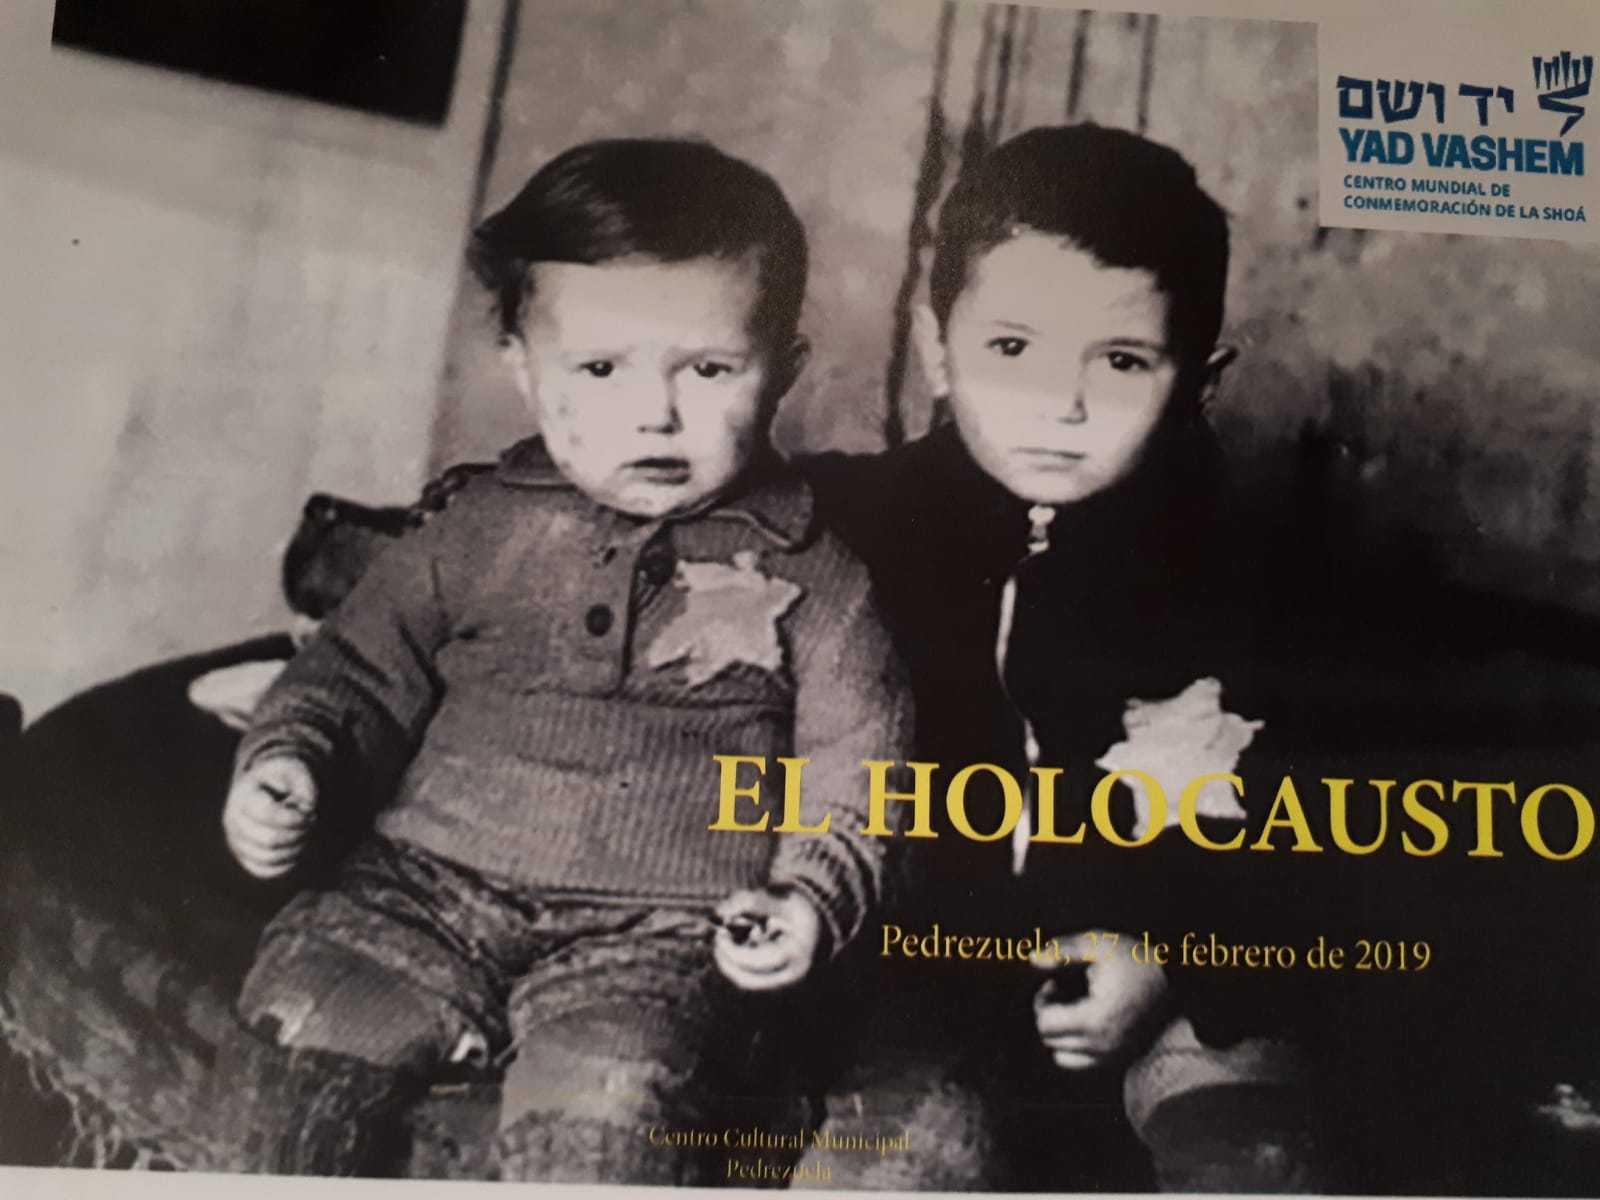 Fotos Holocausto 1